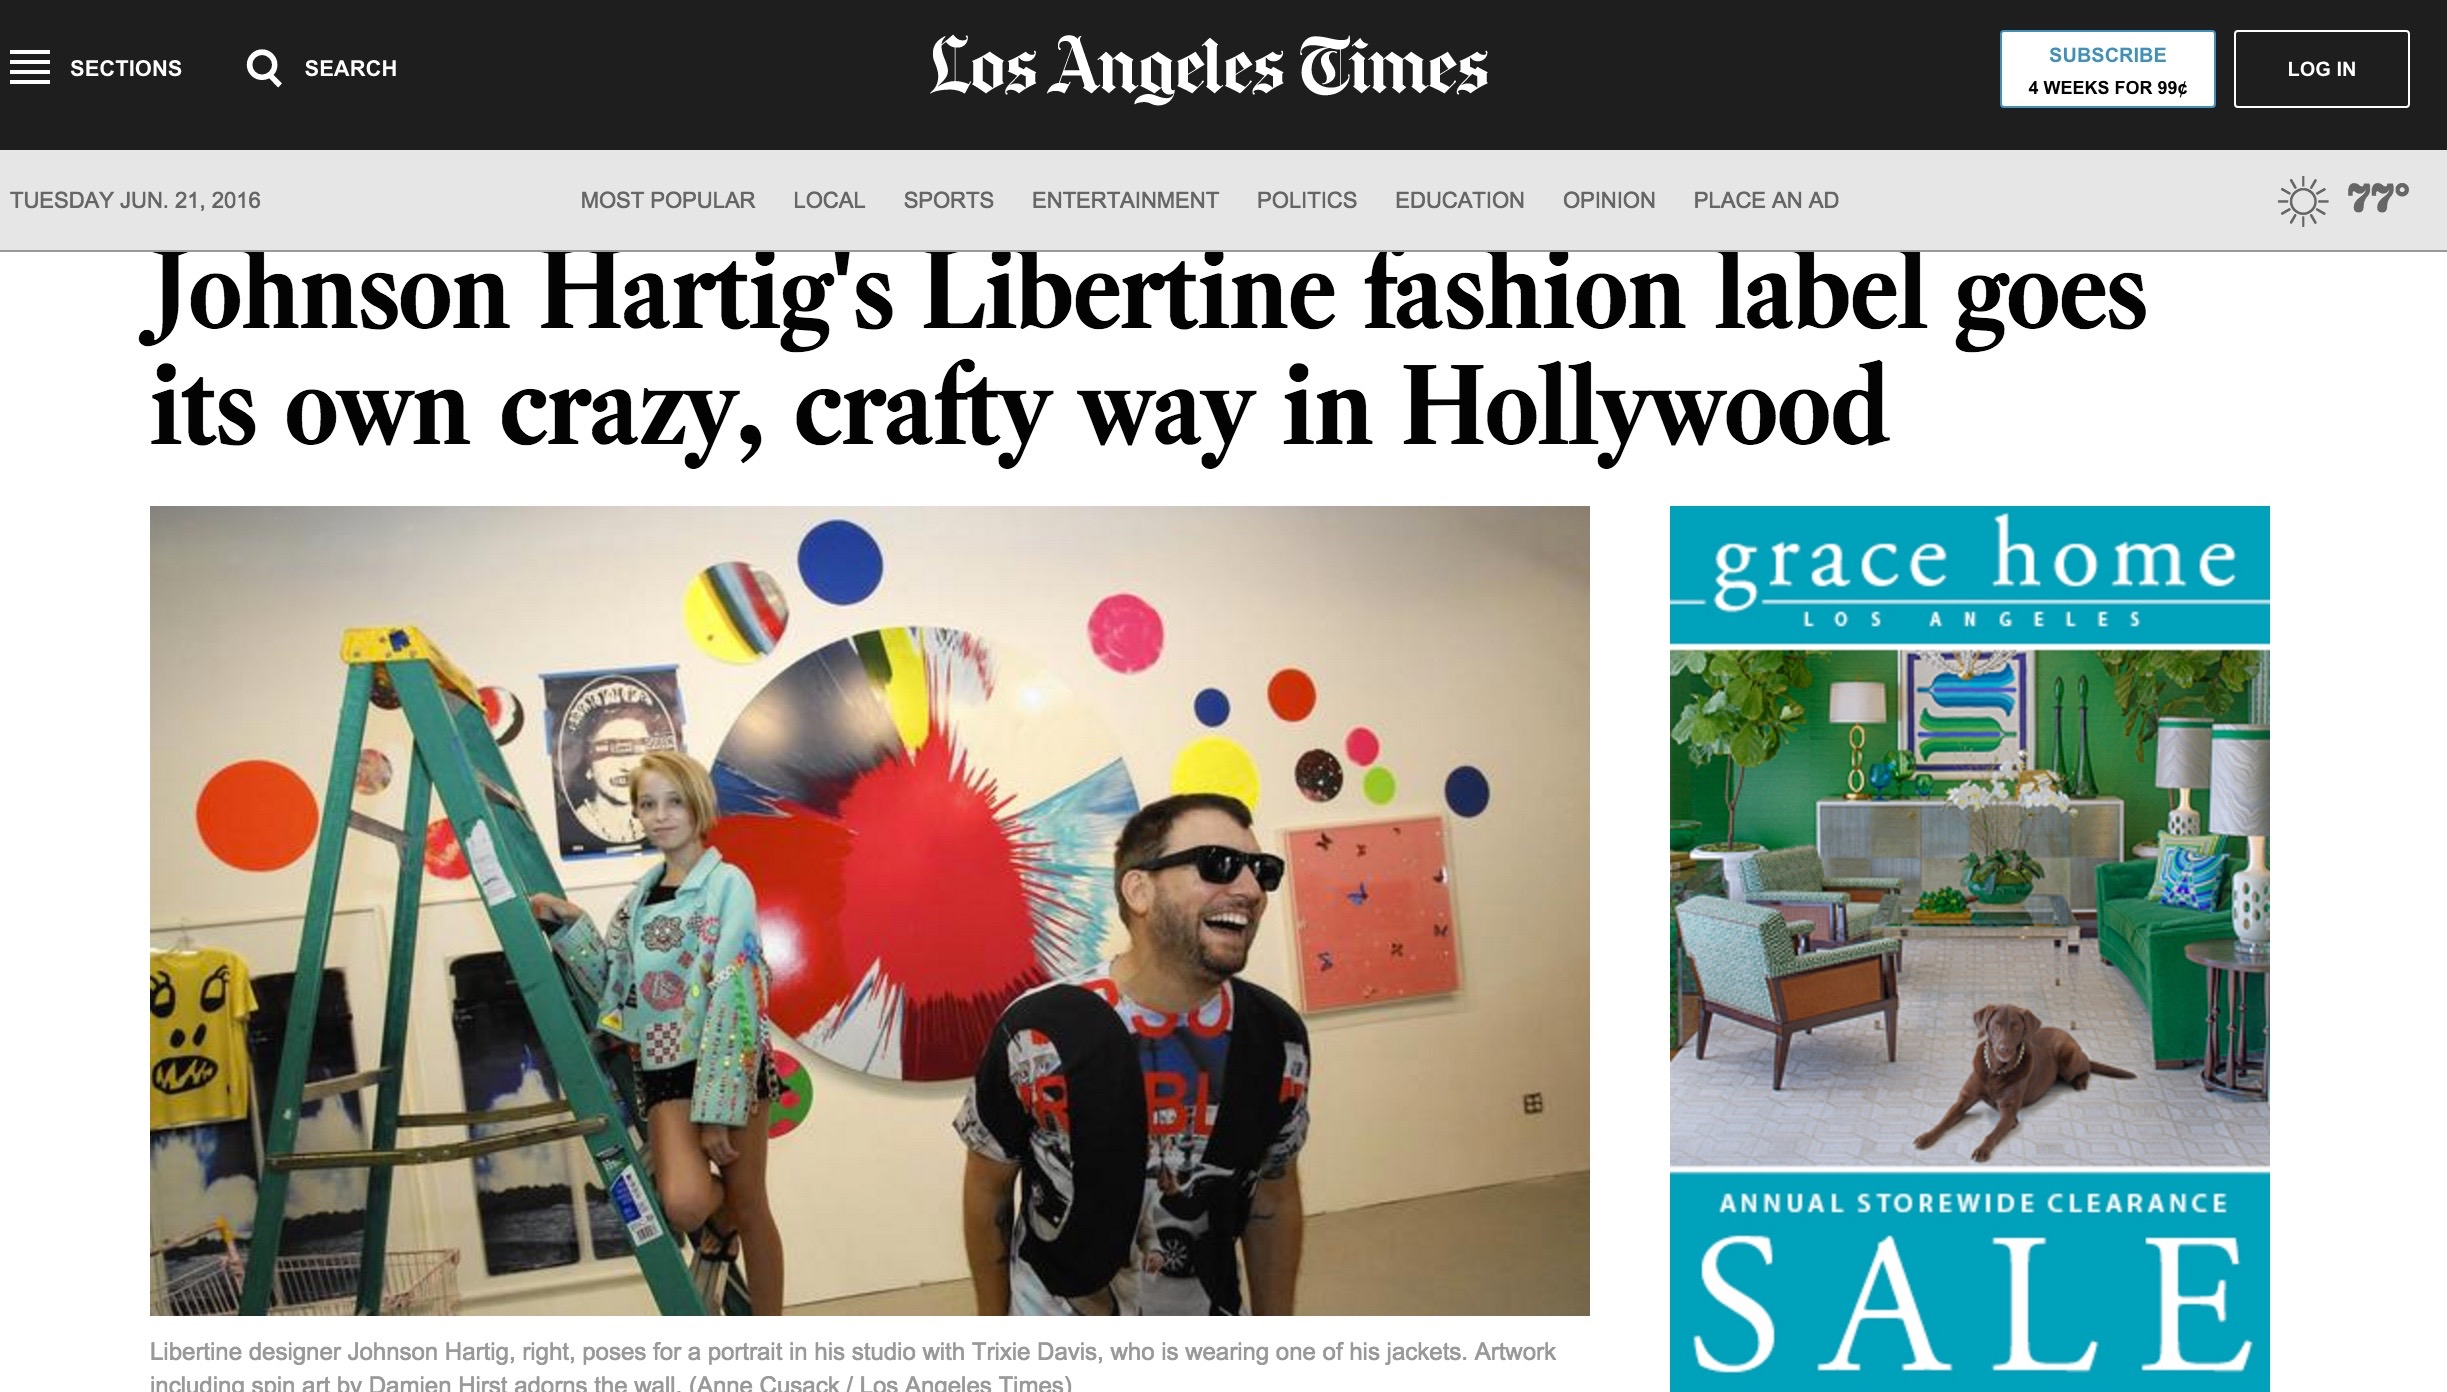 L.A Times : Libertine